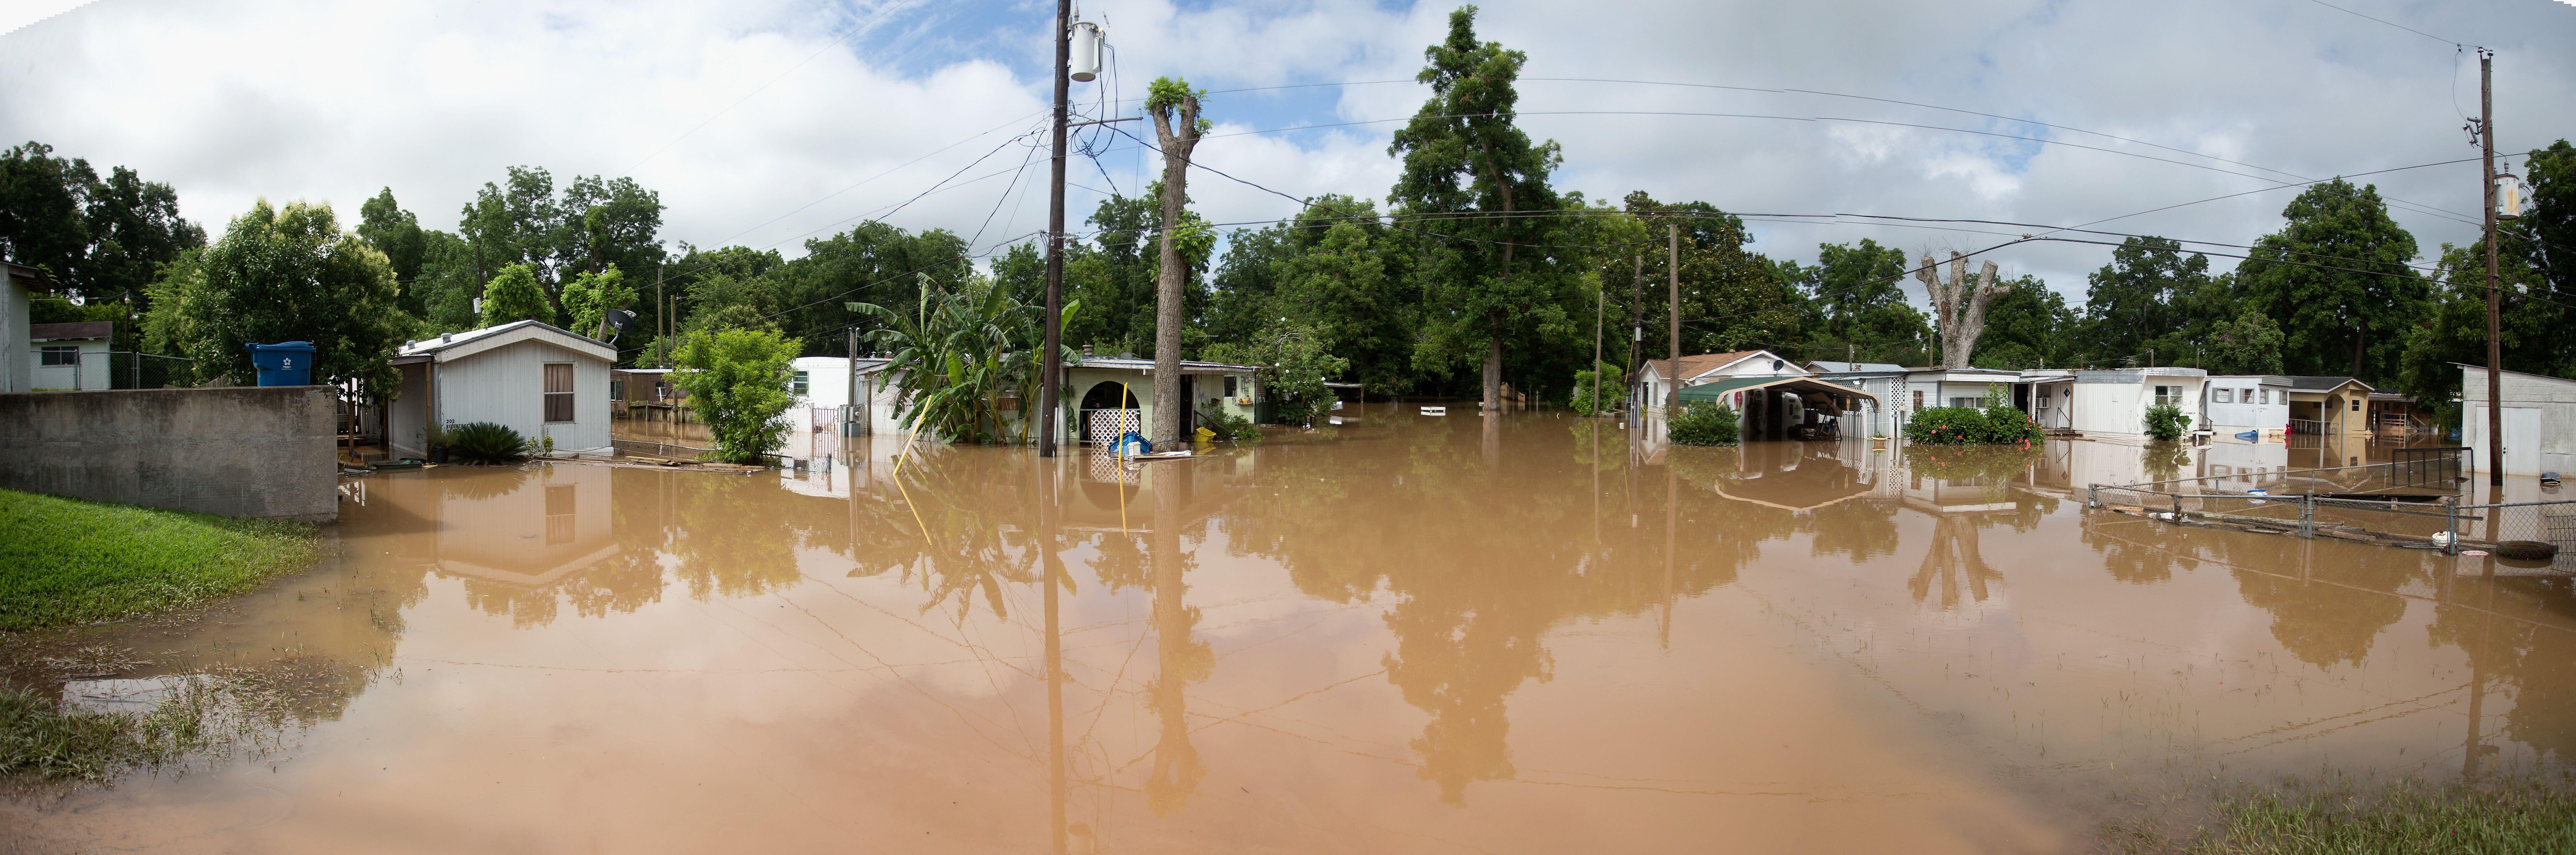 Bild zu Unwetter, Regen, USA, Texas